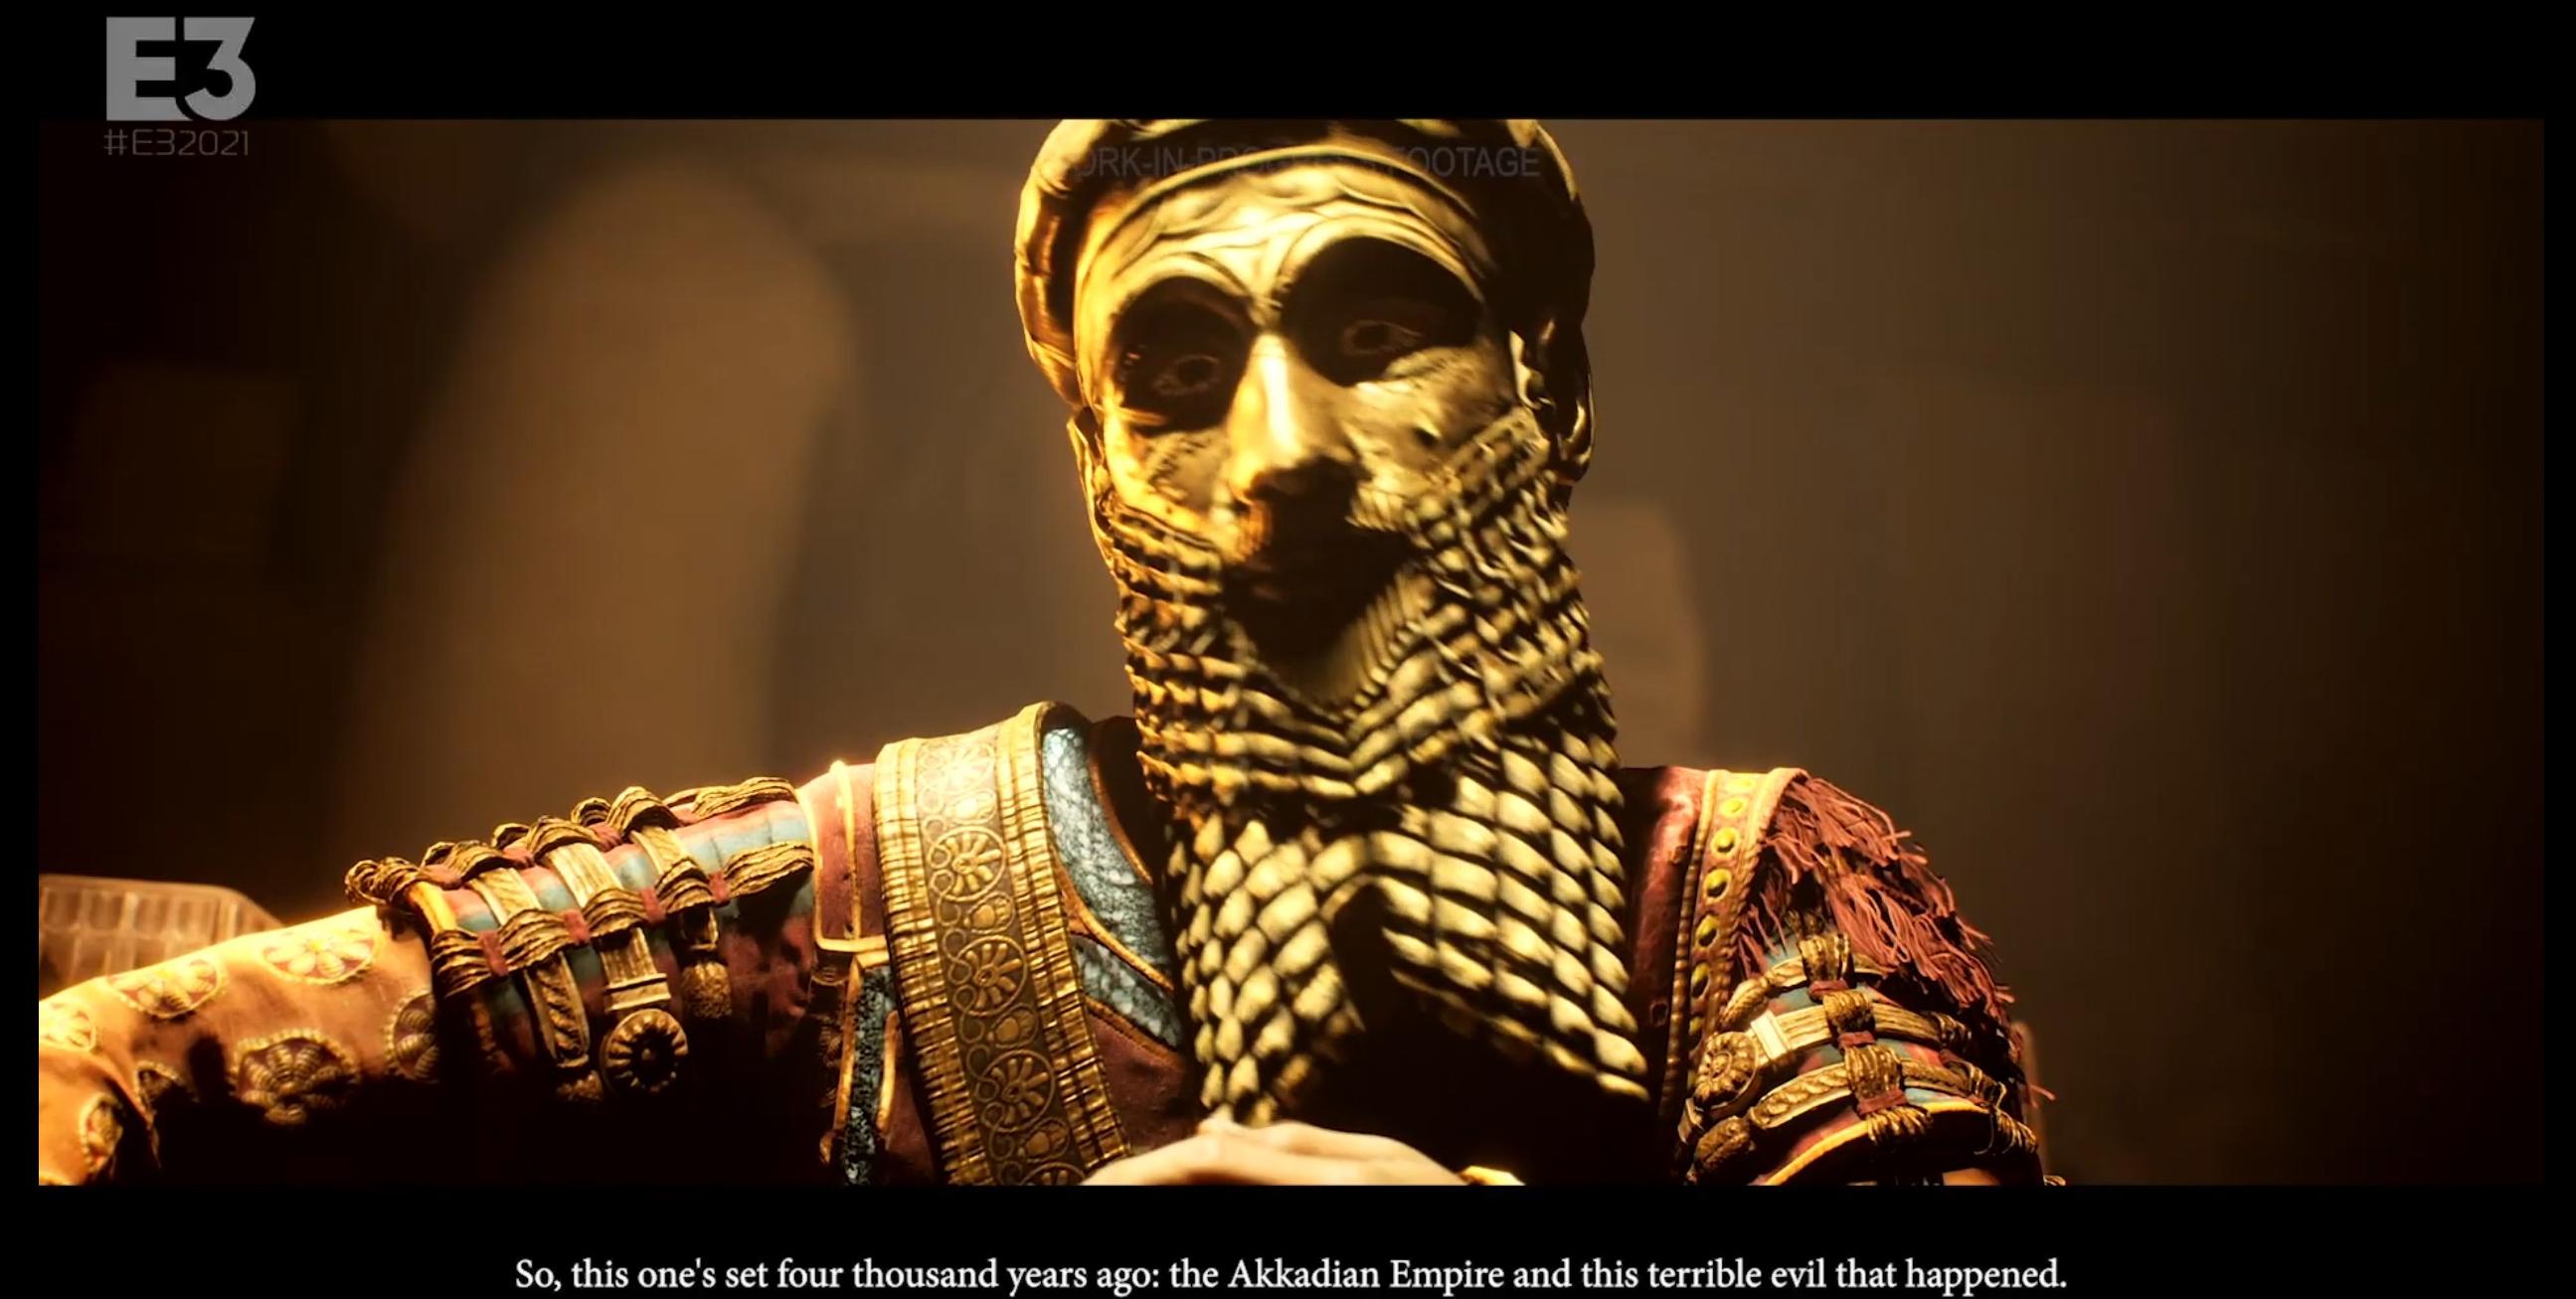 CIAとイラク兵を飲み込むのは4000年前の帝国の神話だ